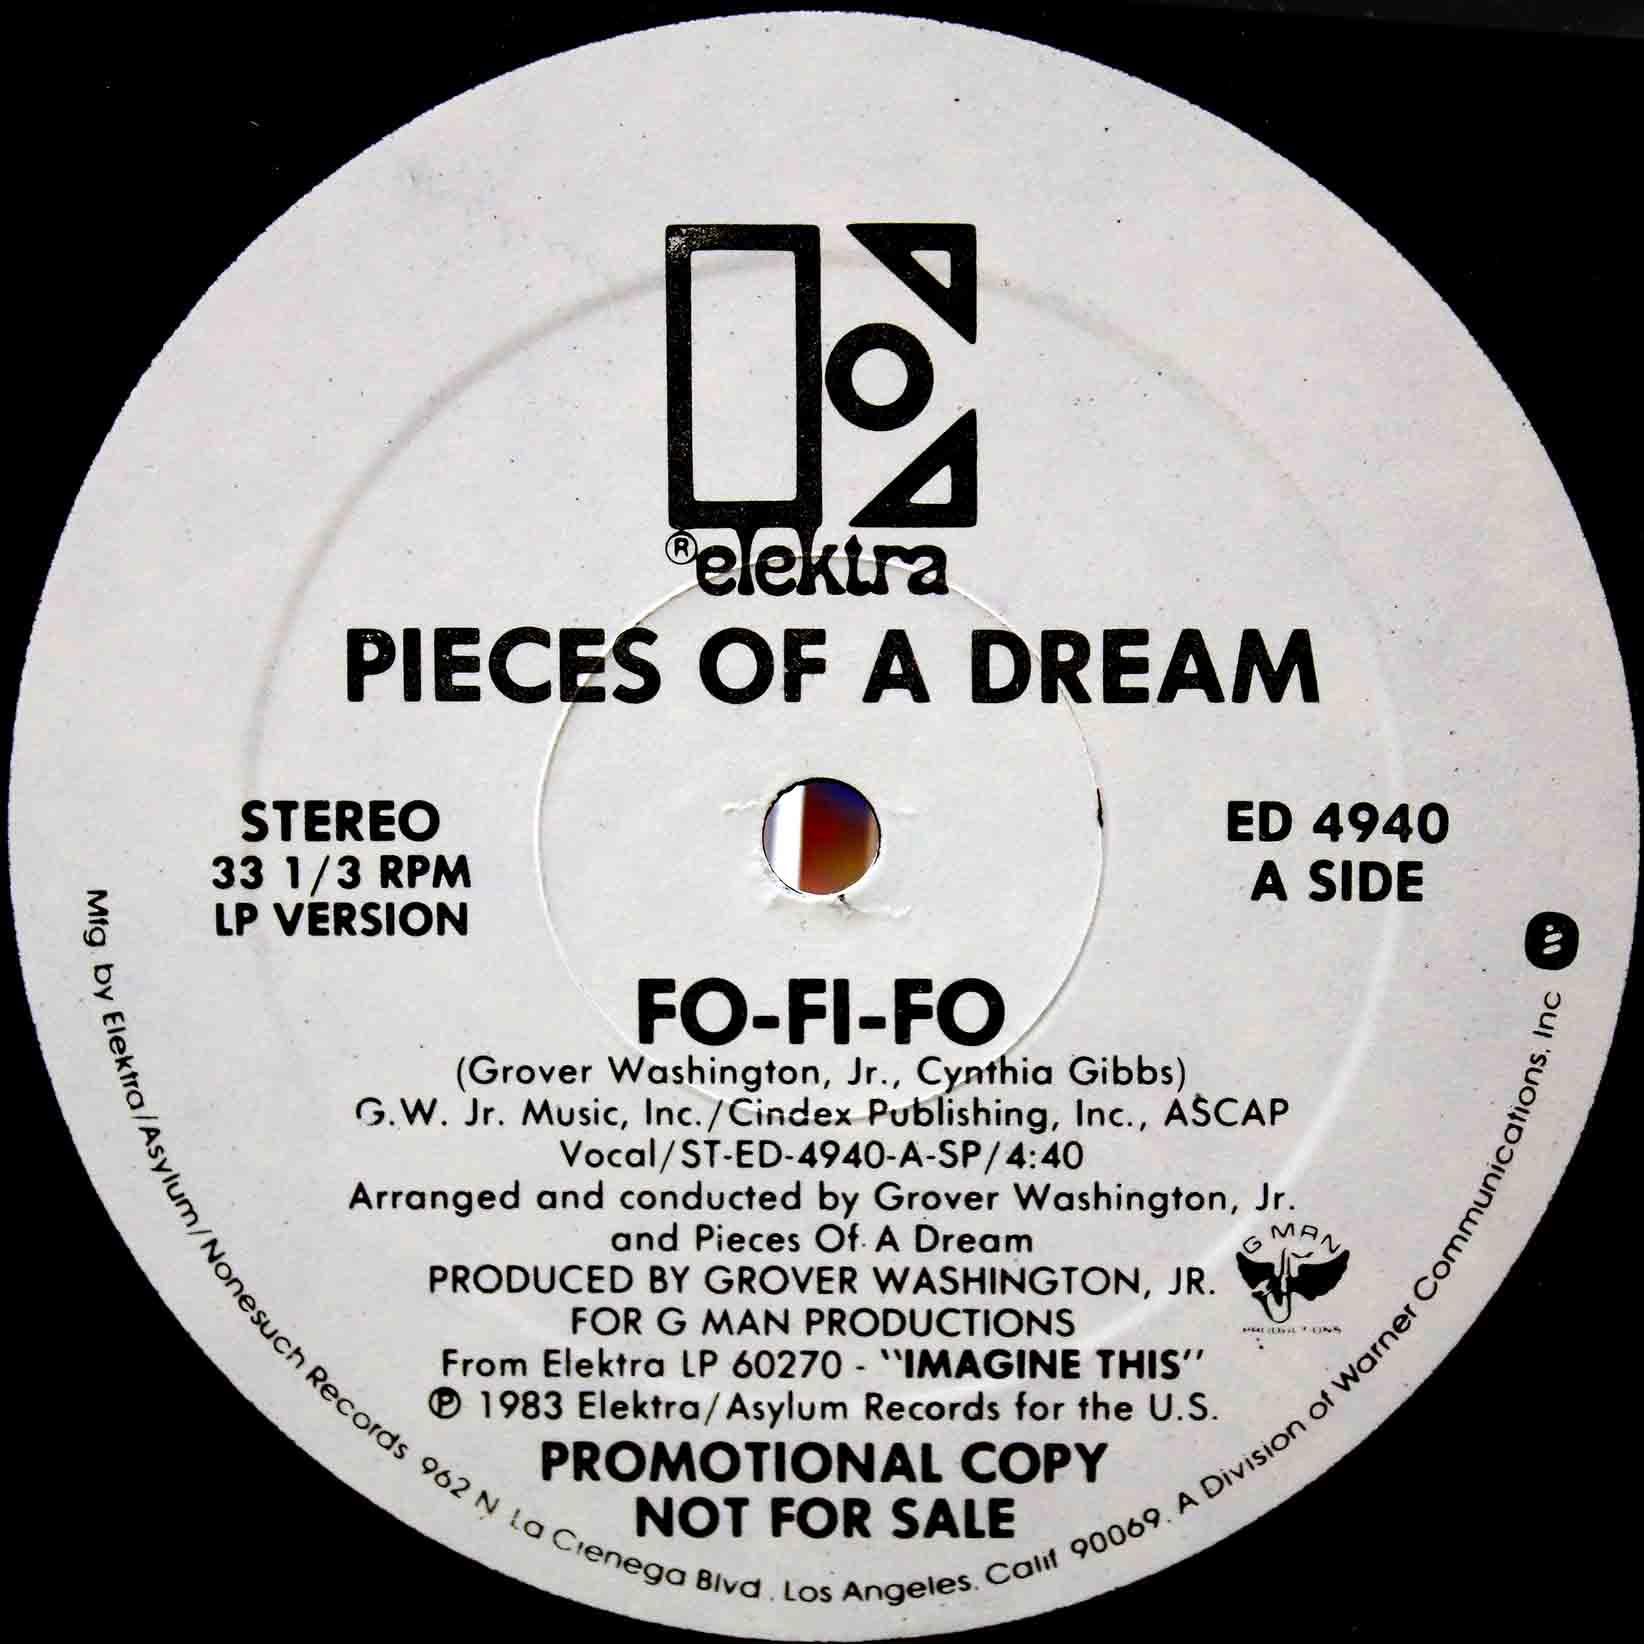 Pieces Of A Dream – Fo-Fi-Fo 02